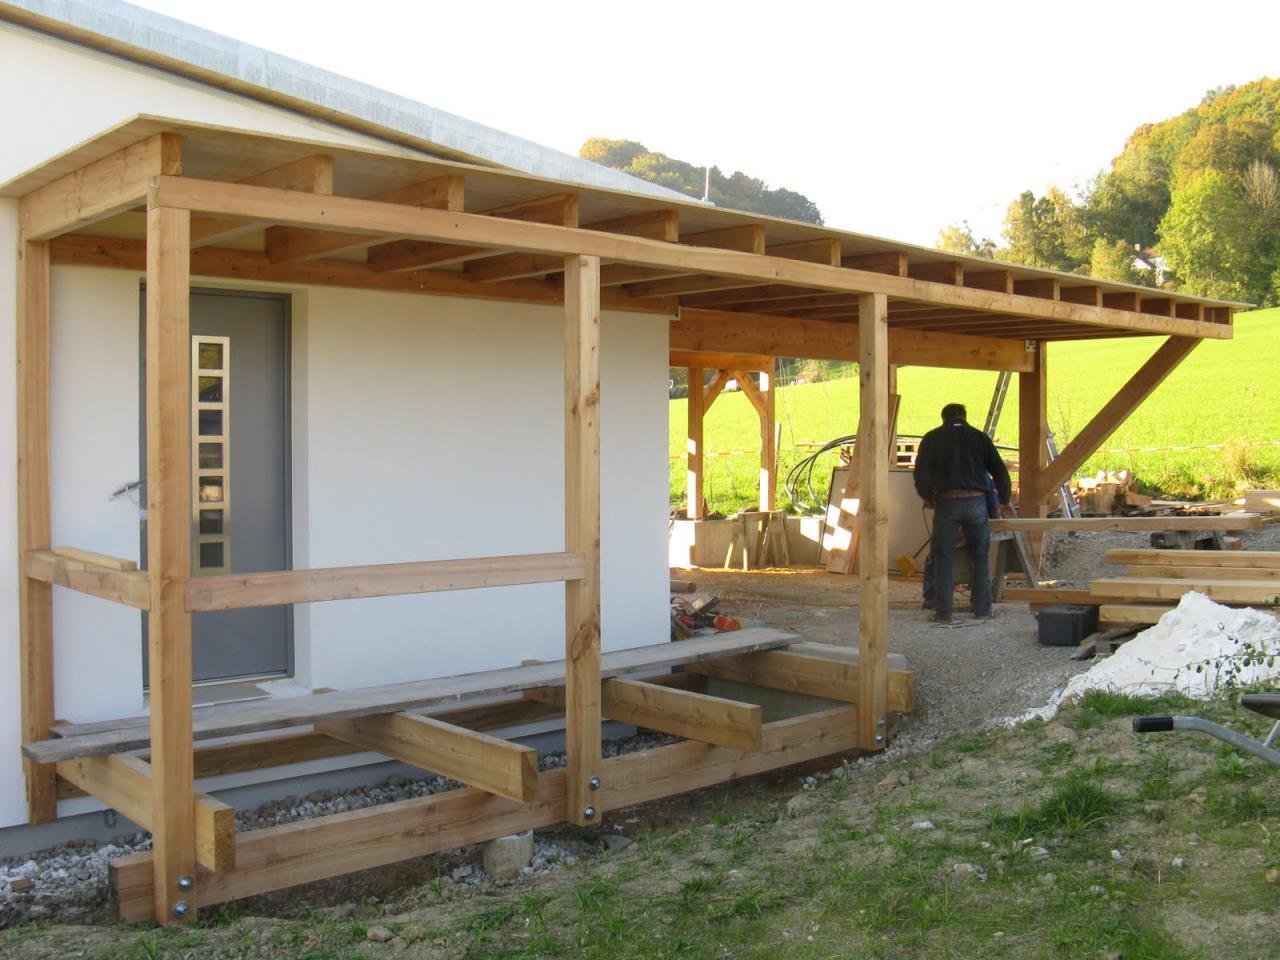 Bauforum Auf Energiesparhaus.at